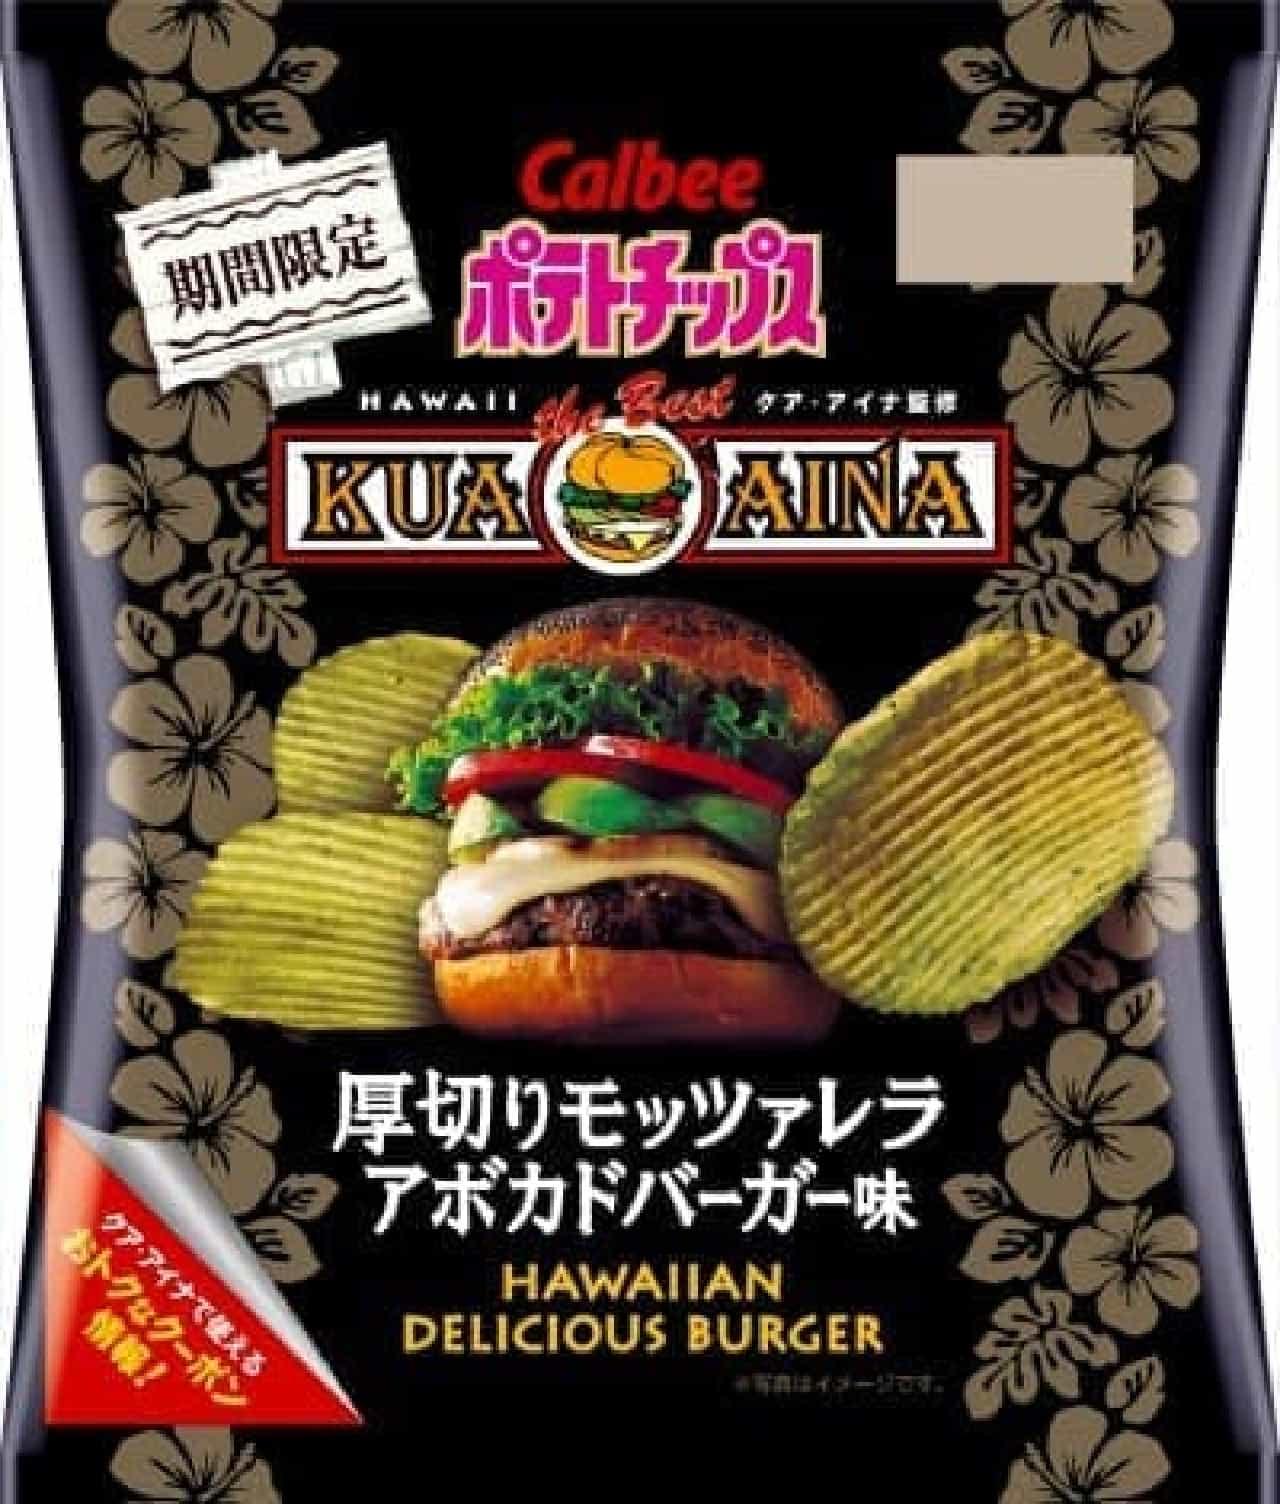 カルビー×クア・アイナ「ポテトチップス 厚切りモッツァレラアボカドバーガー味」